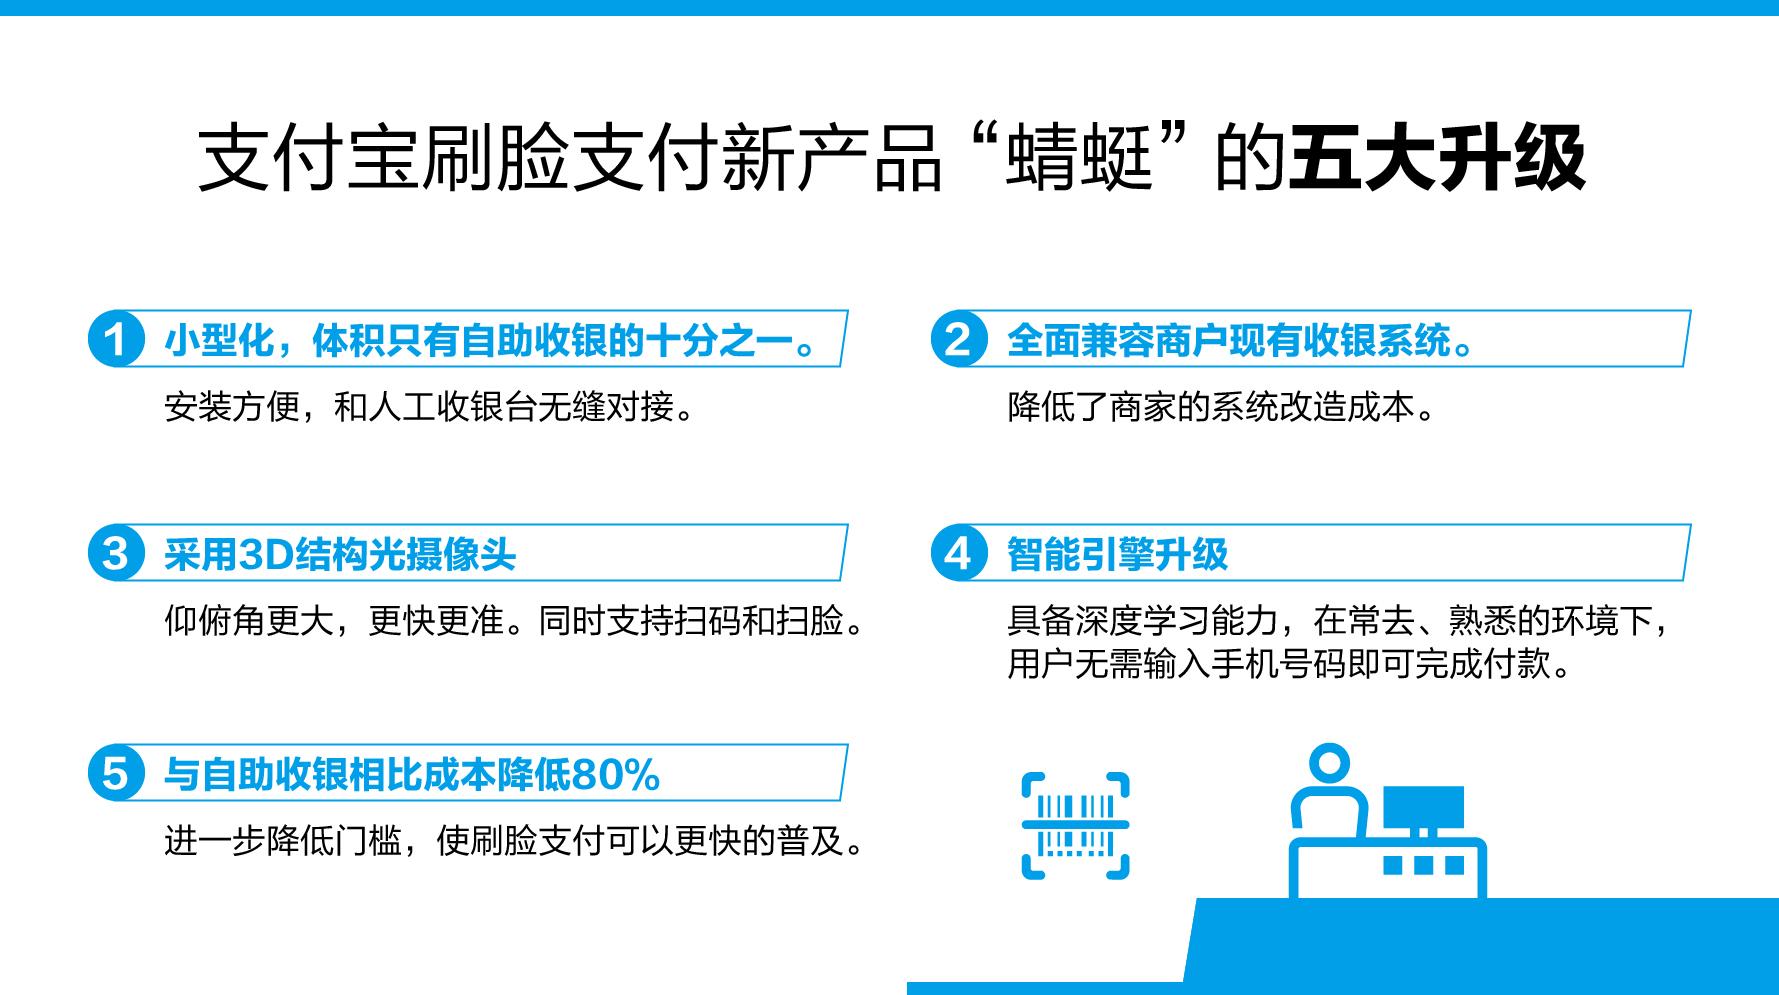 """科技生活!支付宝推出""""蜻蜓"""" 刷脸支付成本大幅降8成"""